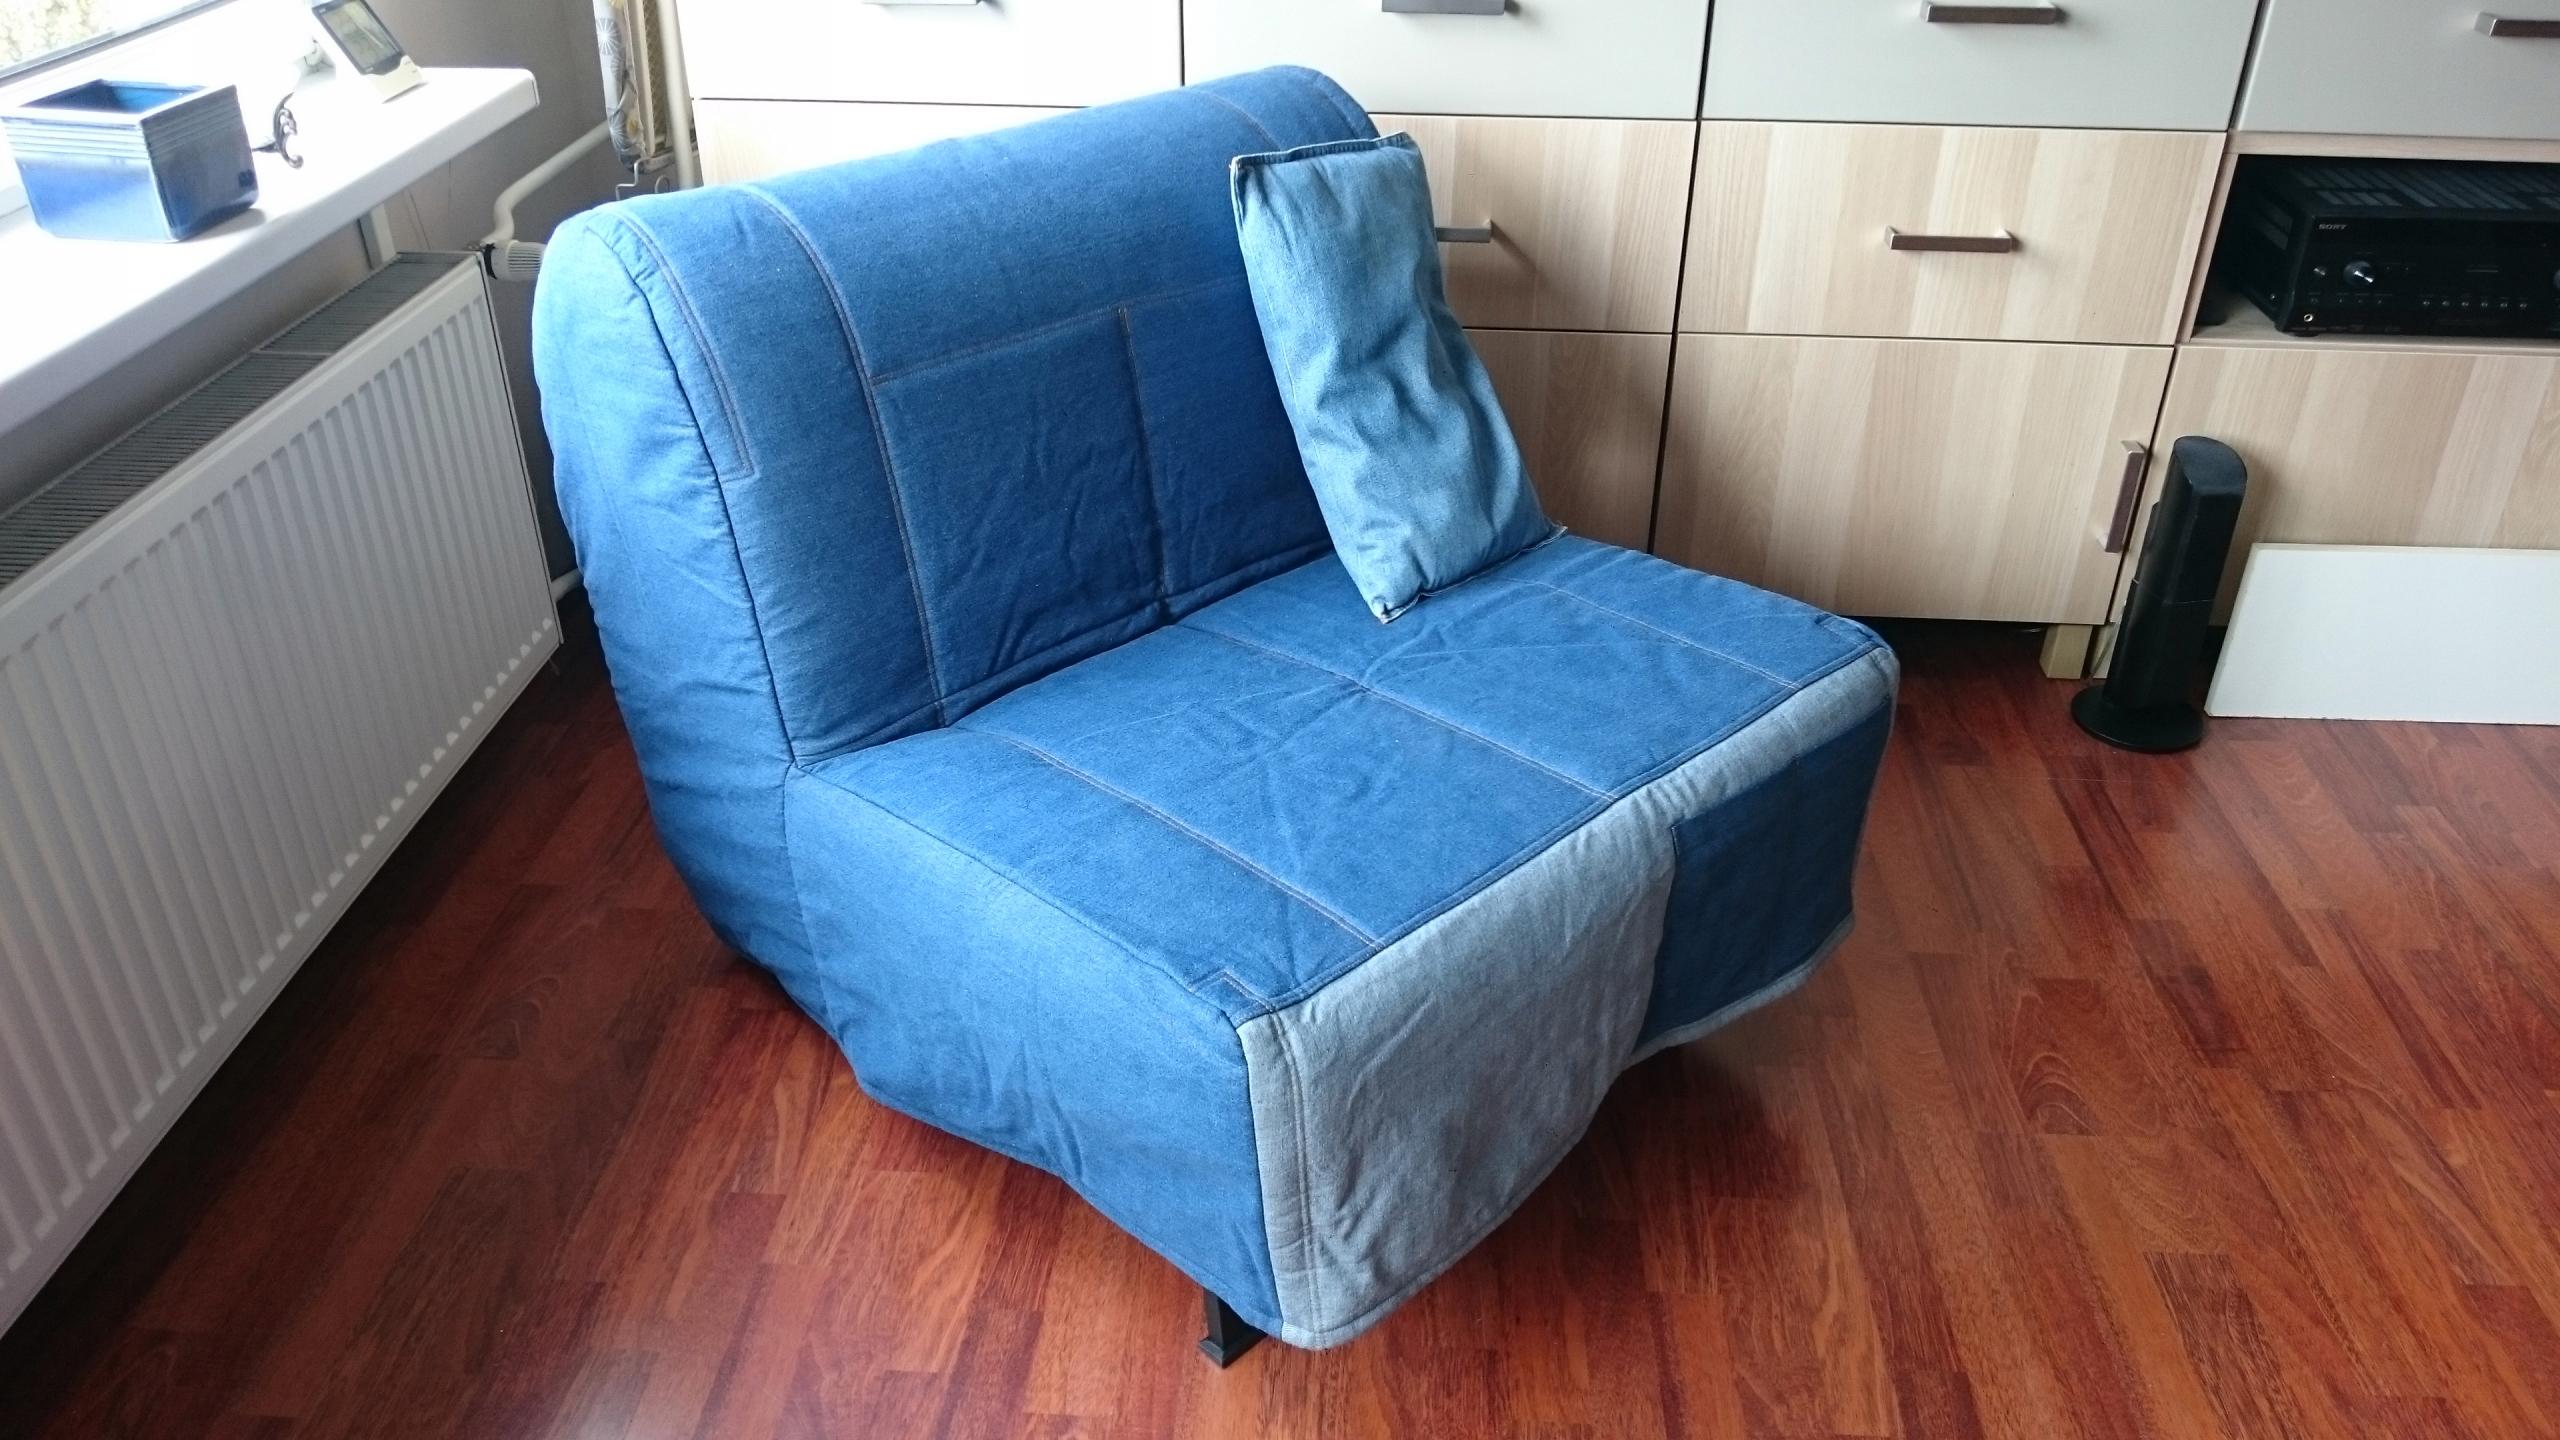 Fotel Rozkładany łóżko Ikea 7553329129 Oficjalne